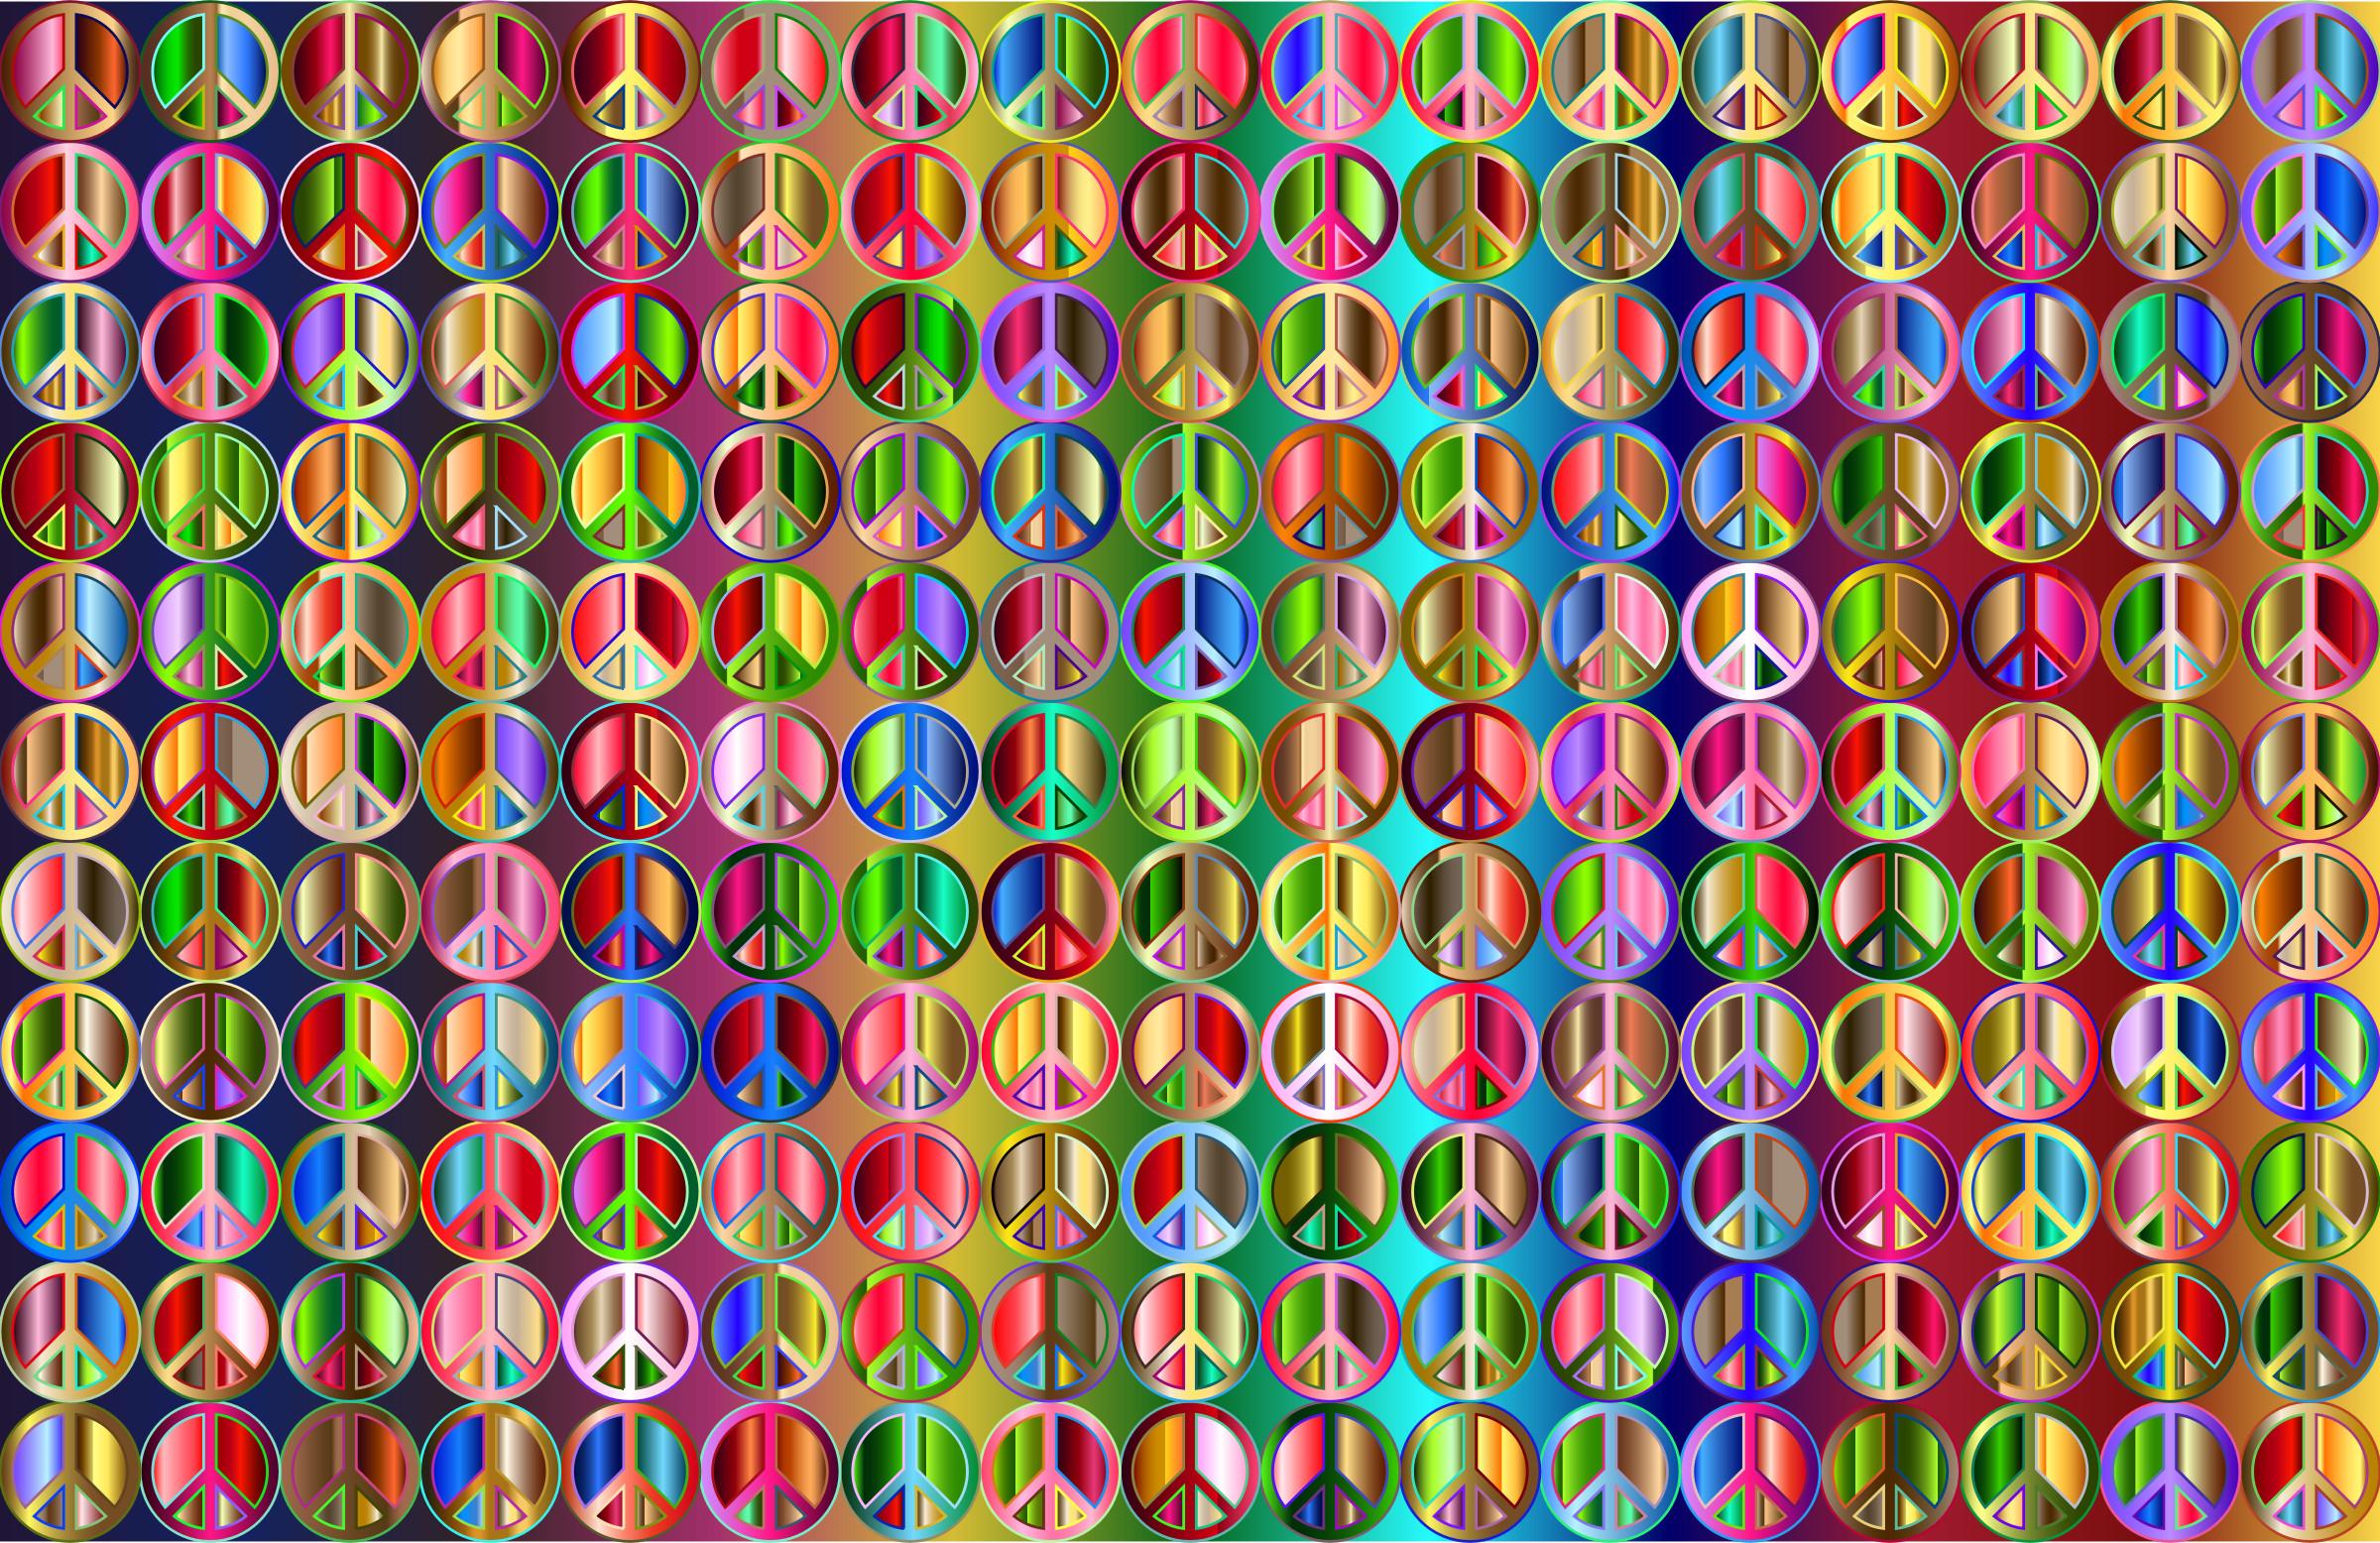 Trippy Tie Dye Wallpaper